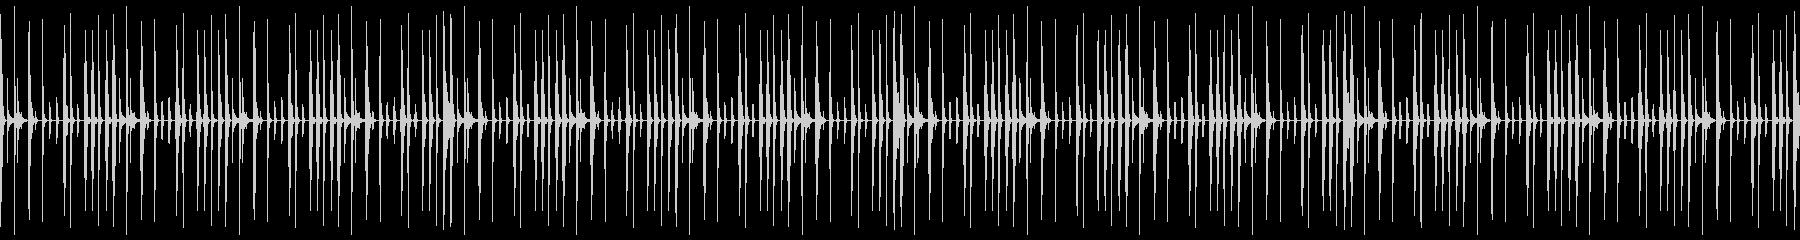 ゲーム・メニュー画面・ドラムソロ・ループの未再生の波形